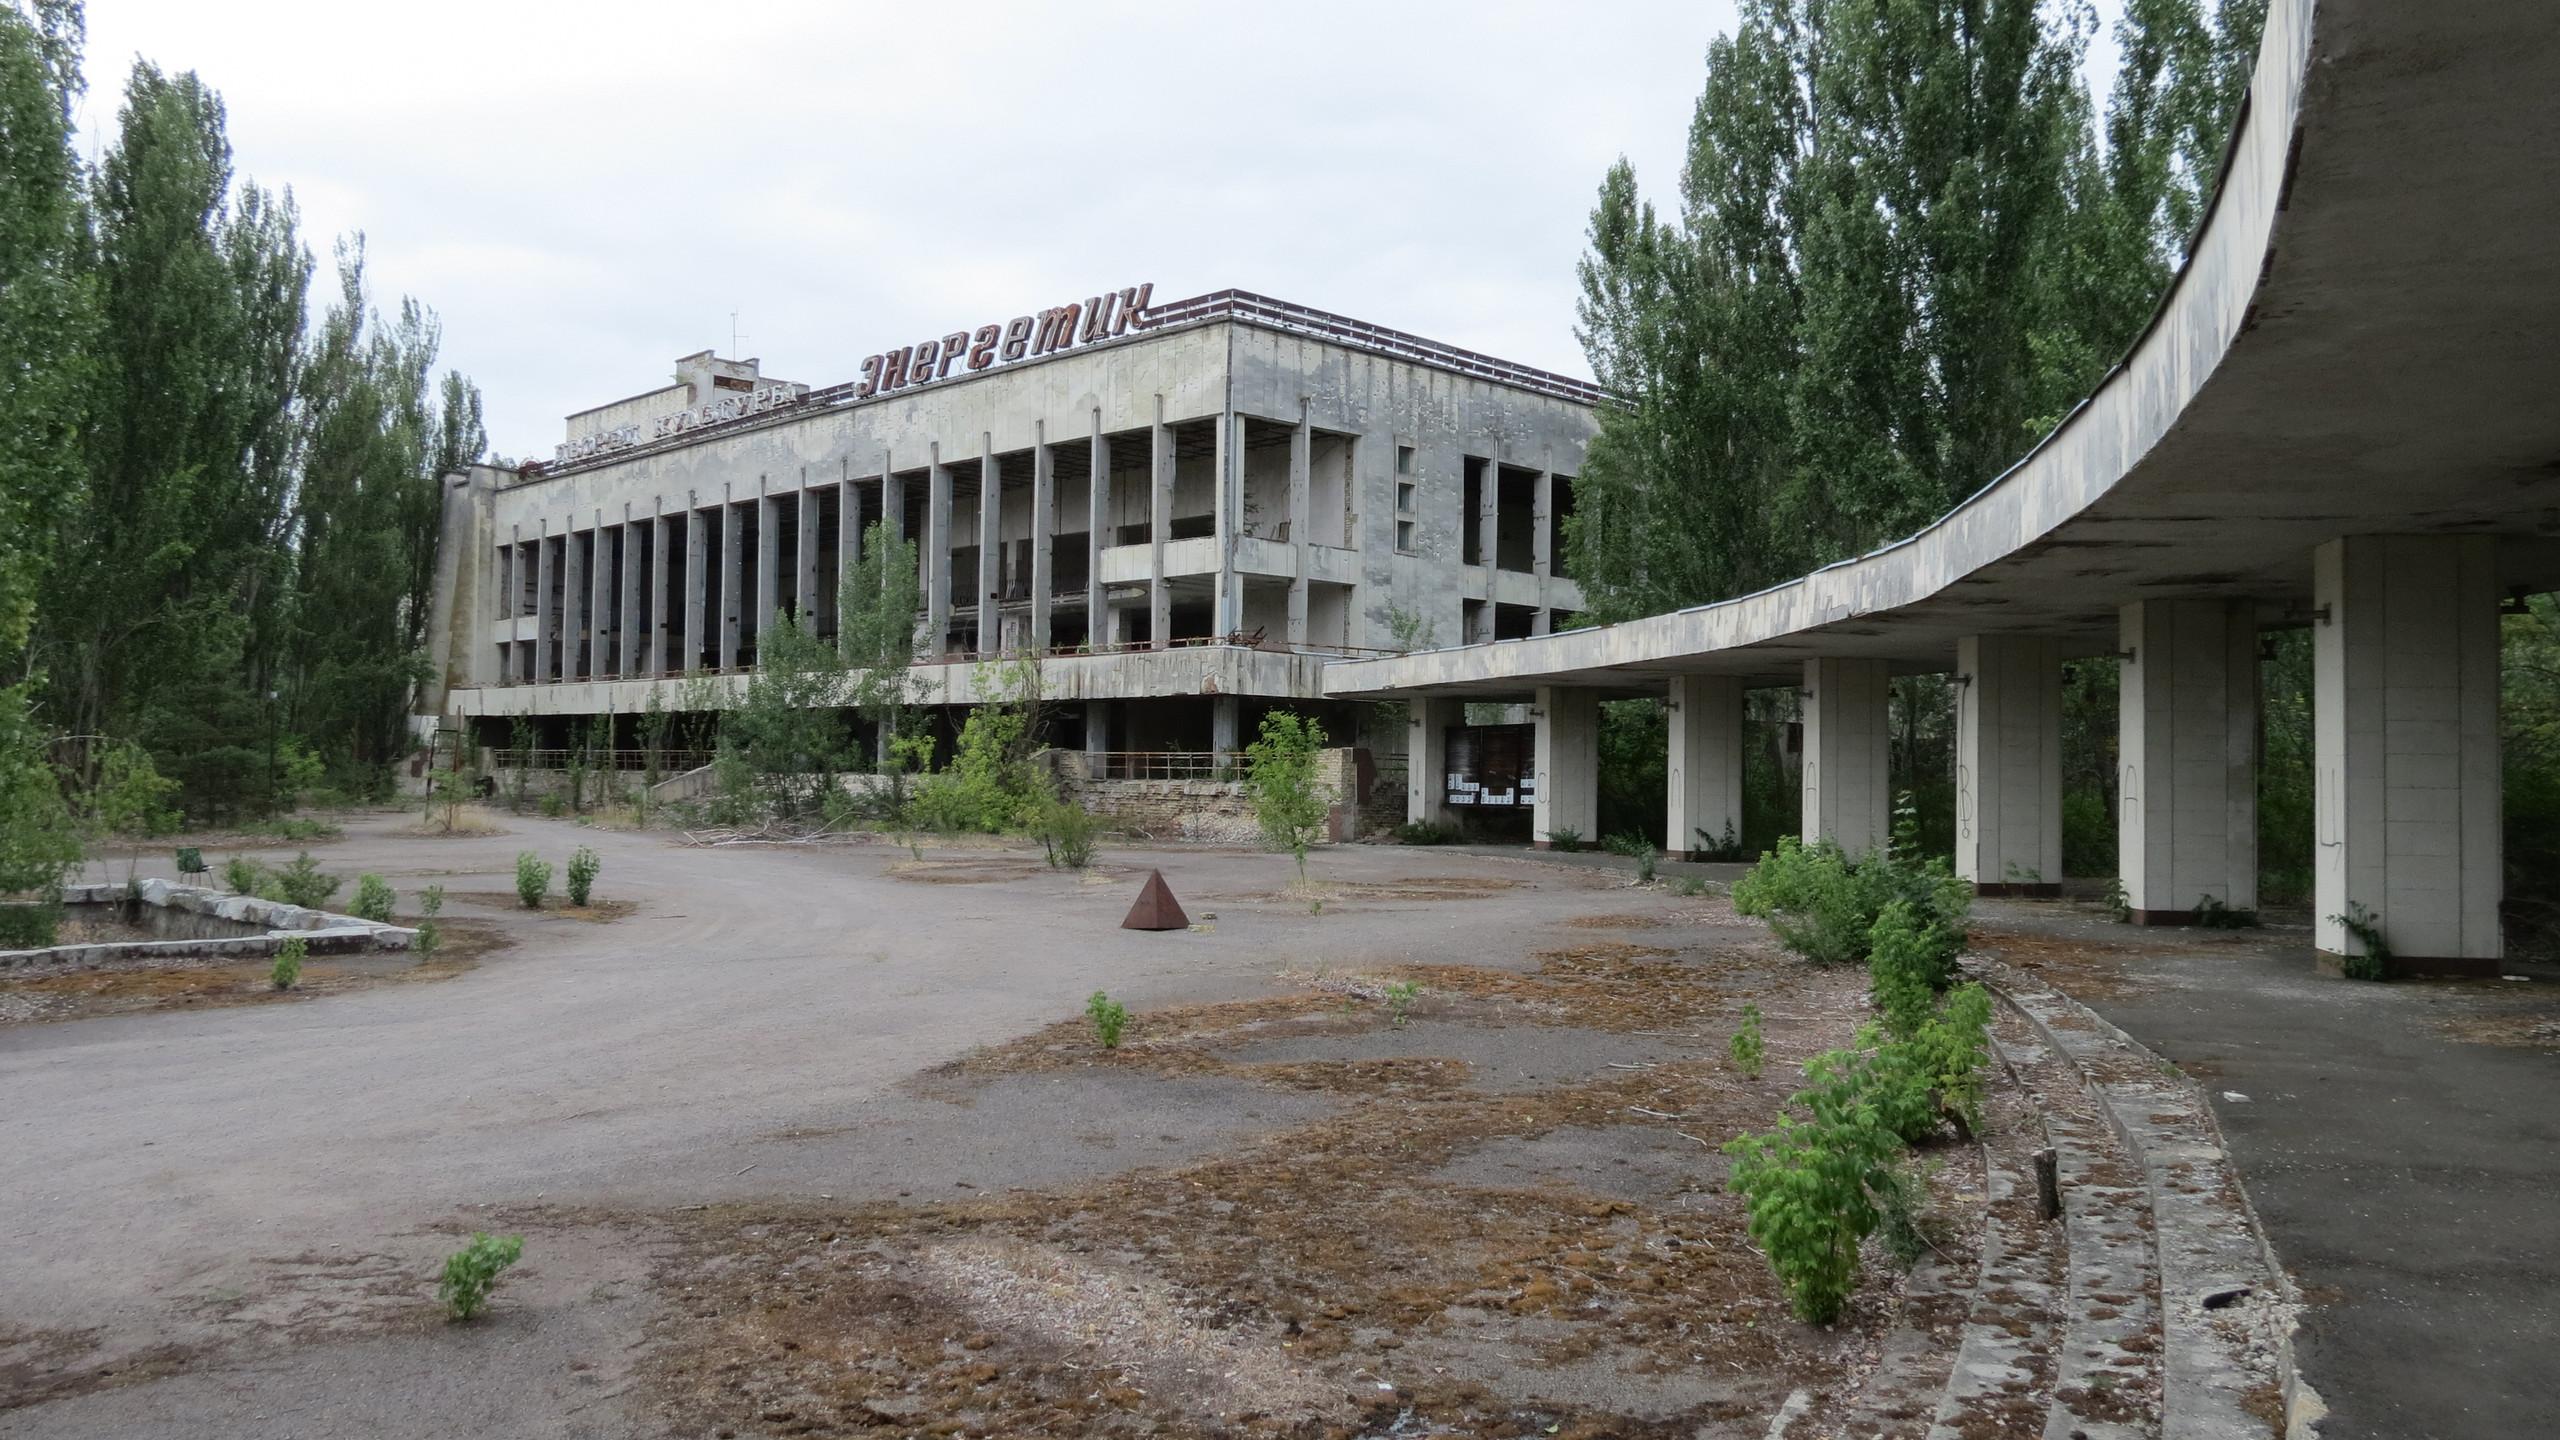 322 - Chernobyl